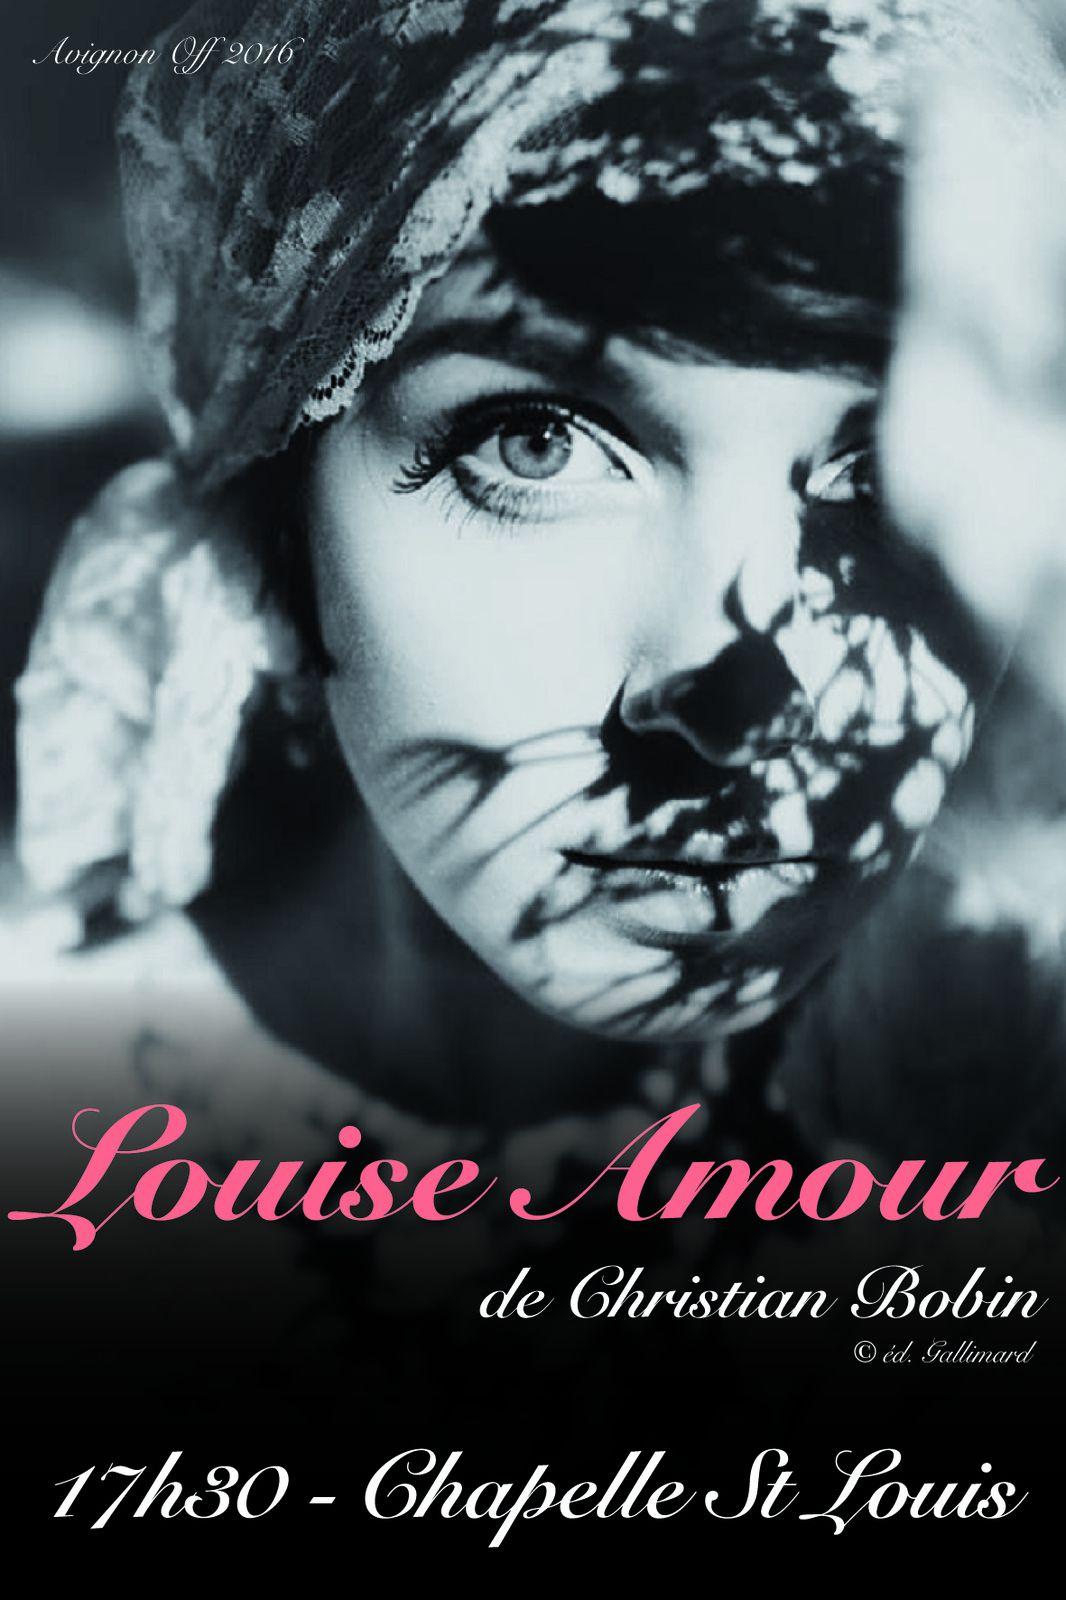 Louise Amour au Festival d'Avignon 2016